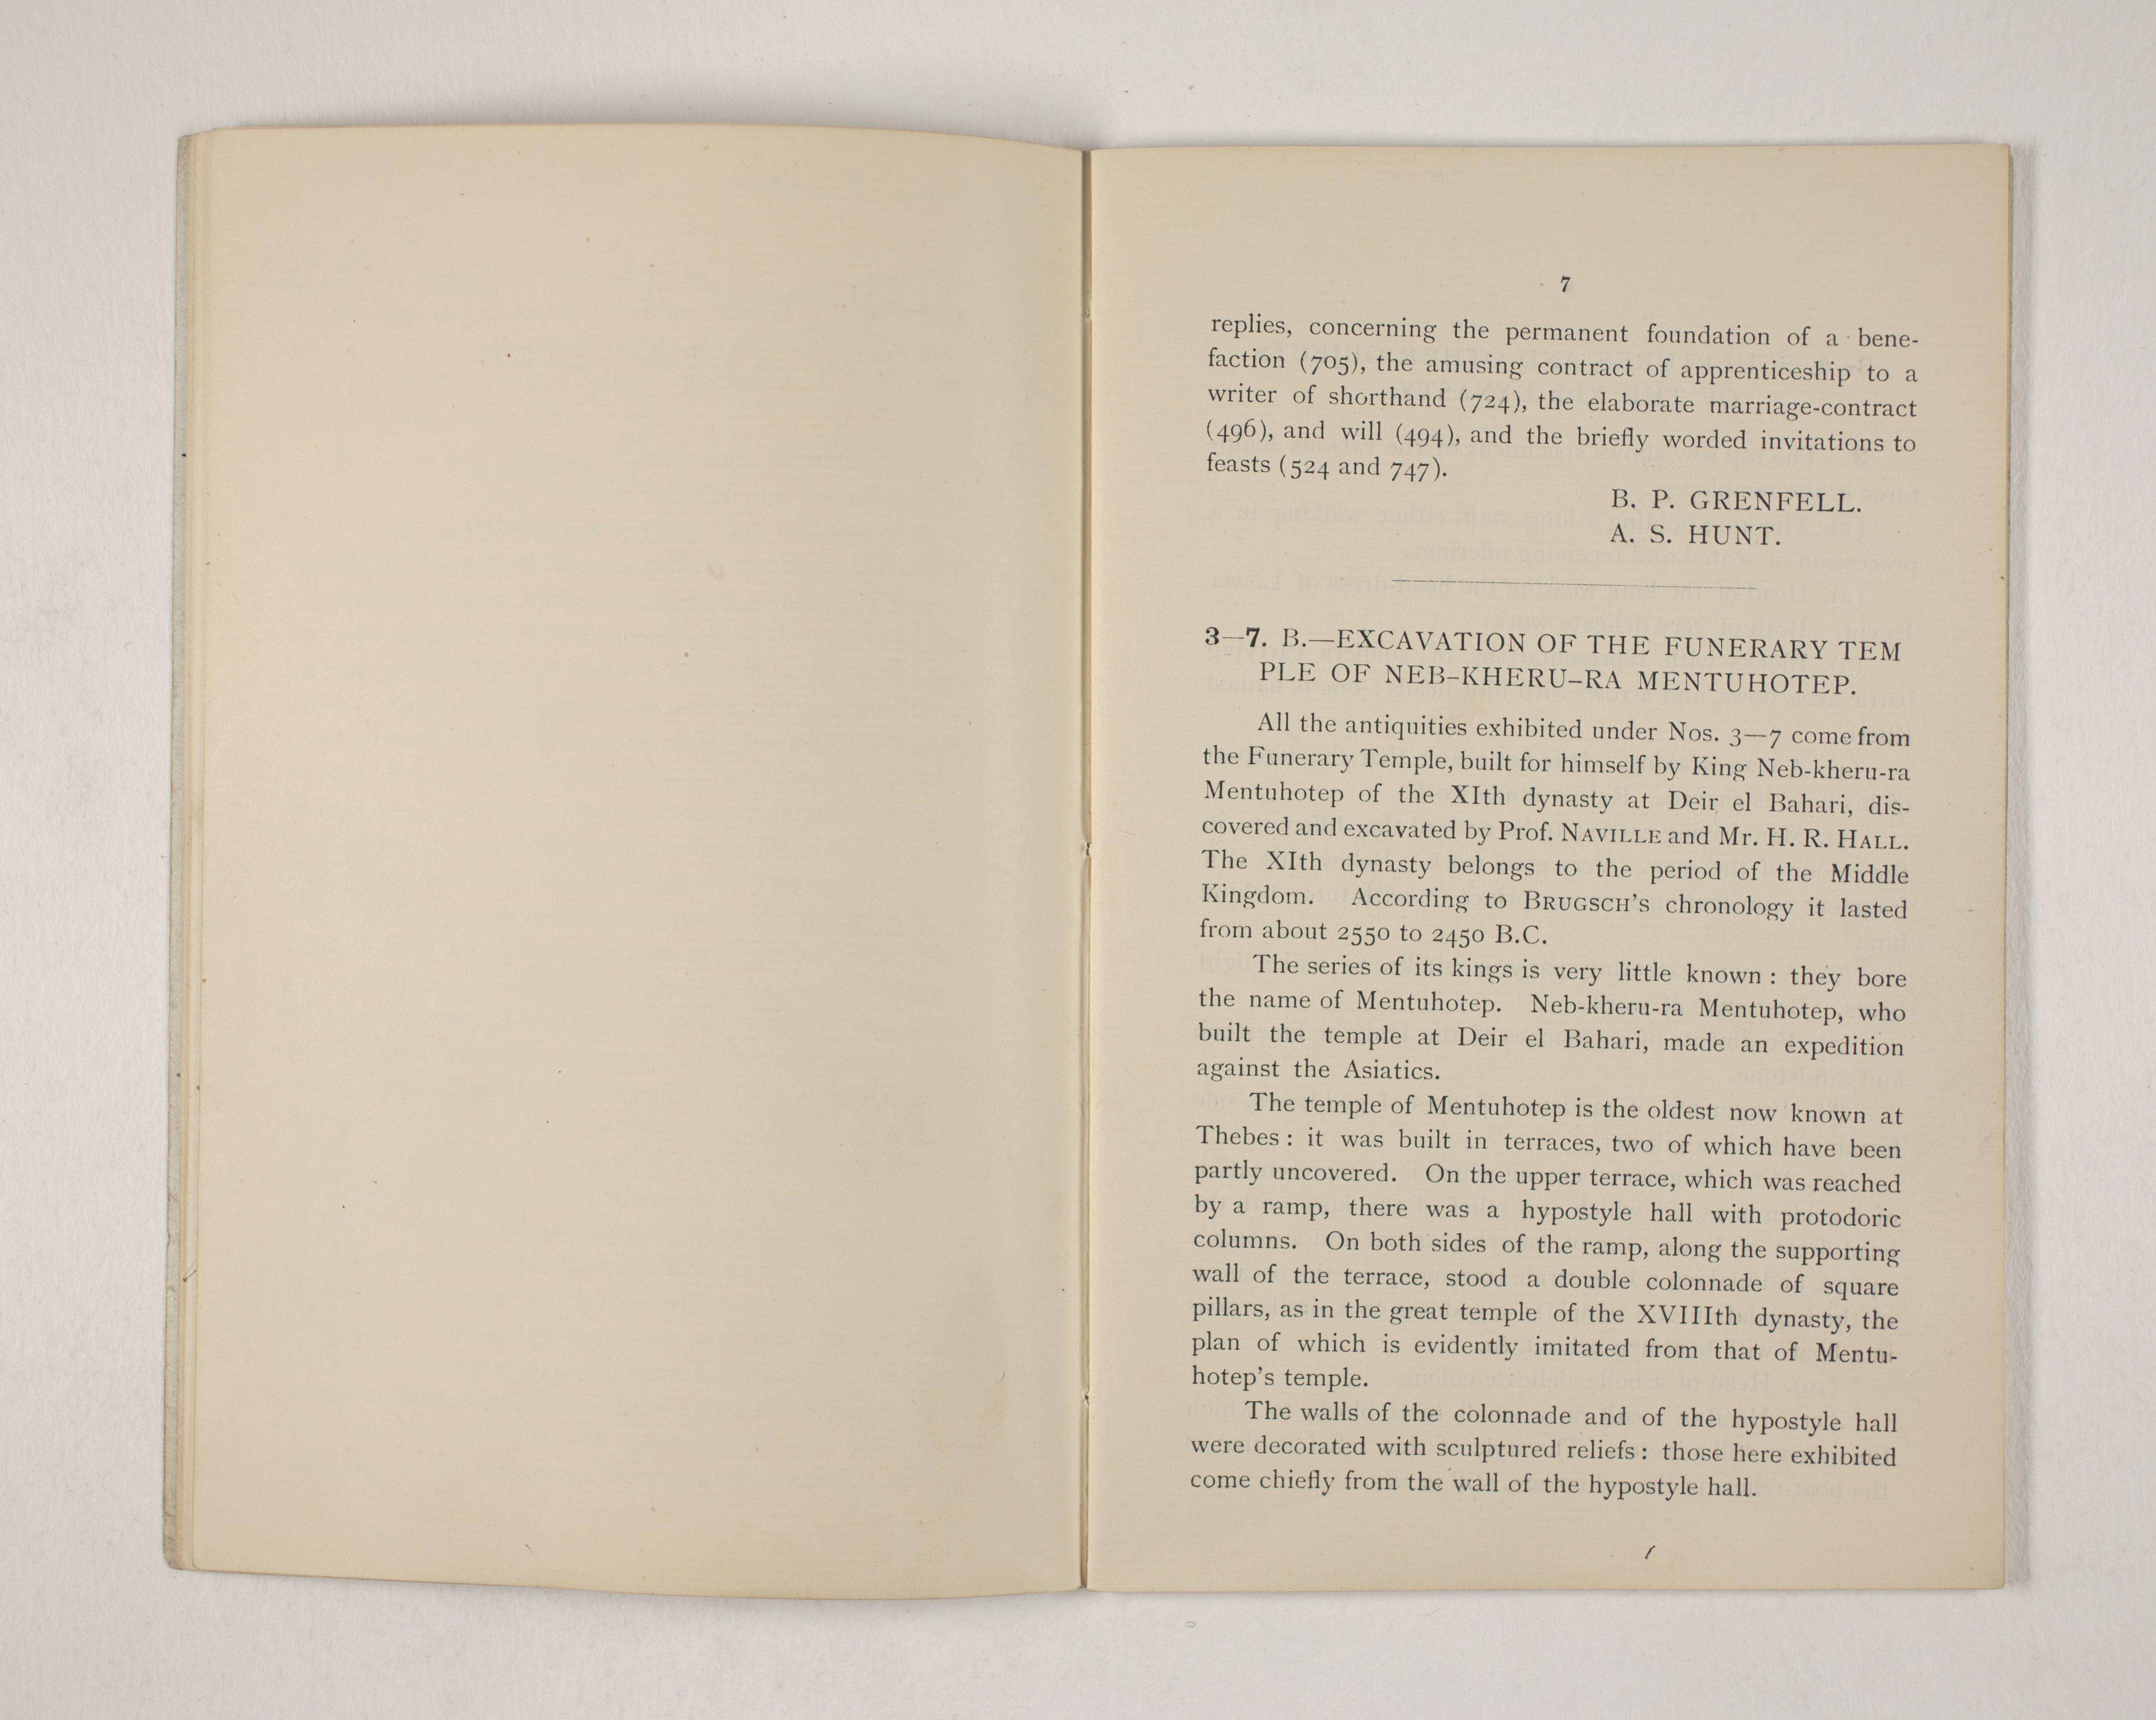 1903-04 Abydos, Ihnasya, Tell el-Fara'in, Saqqara, Gurob, Deir el-Bahri, Oxyrhynchus Exhibition Catalogue PMA/WFP1/D/12/12.9